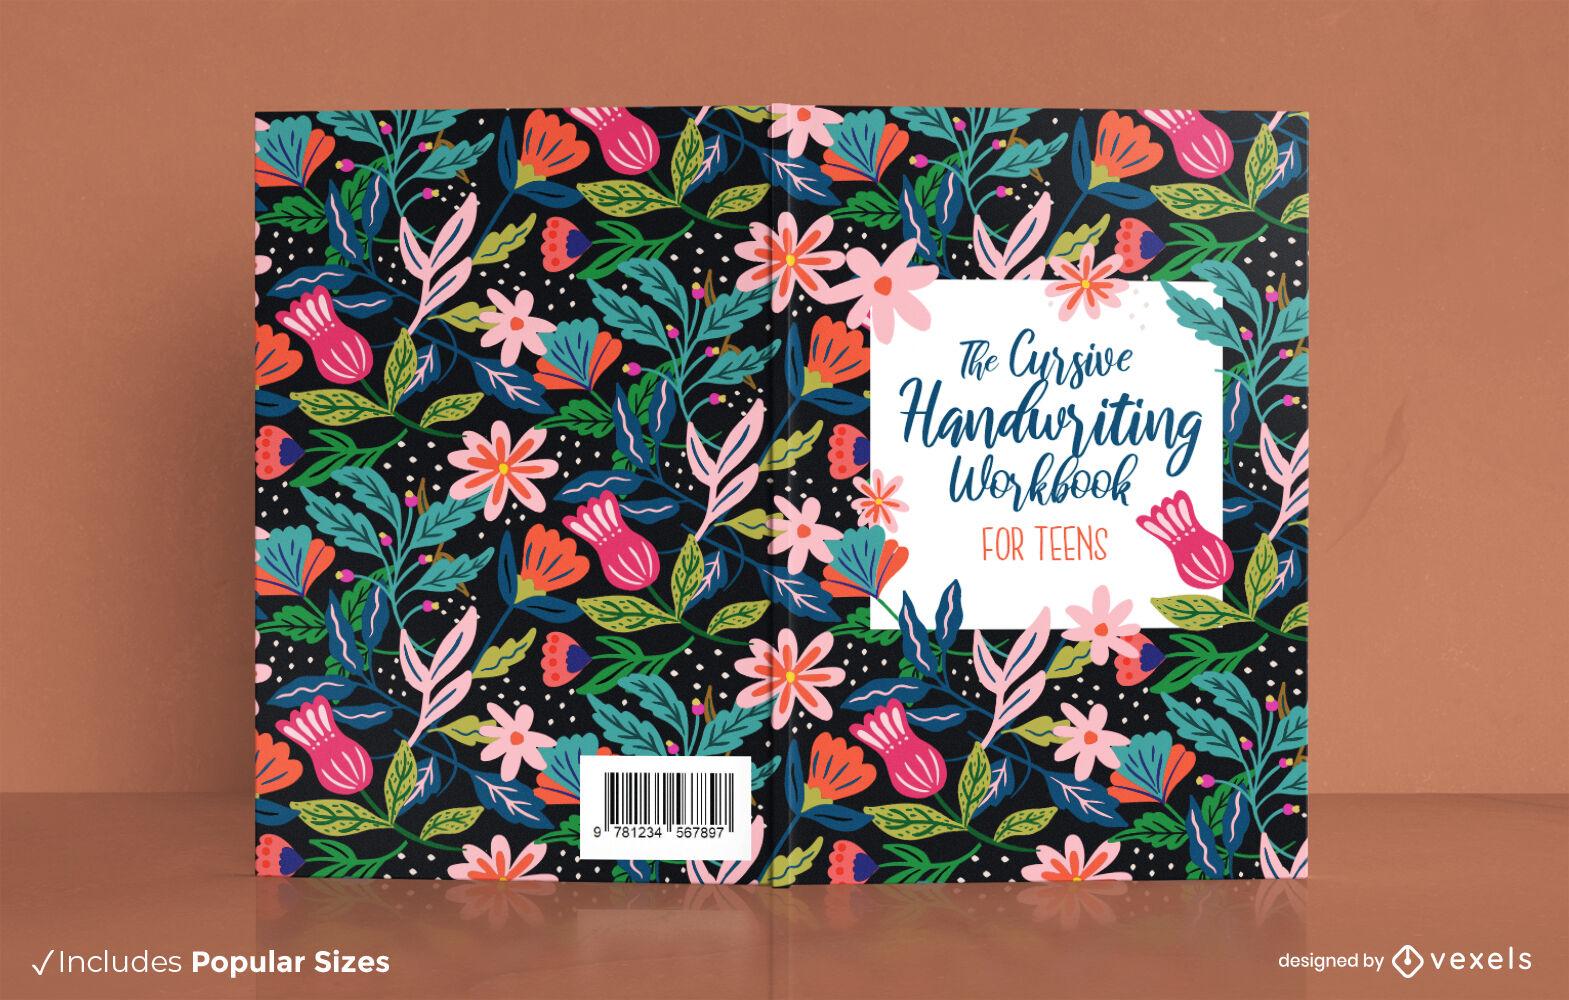 Kursive Handschrift florales Buchcover-Design